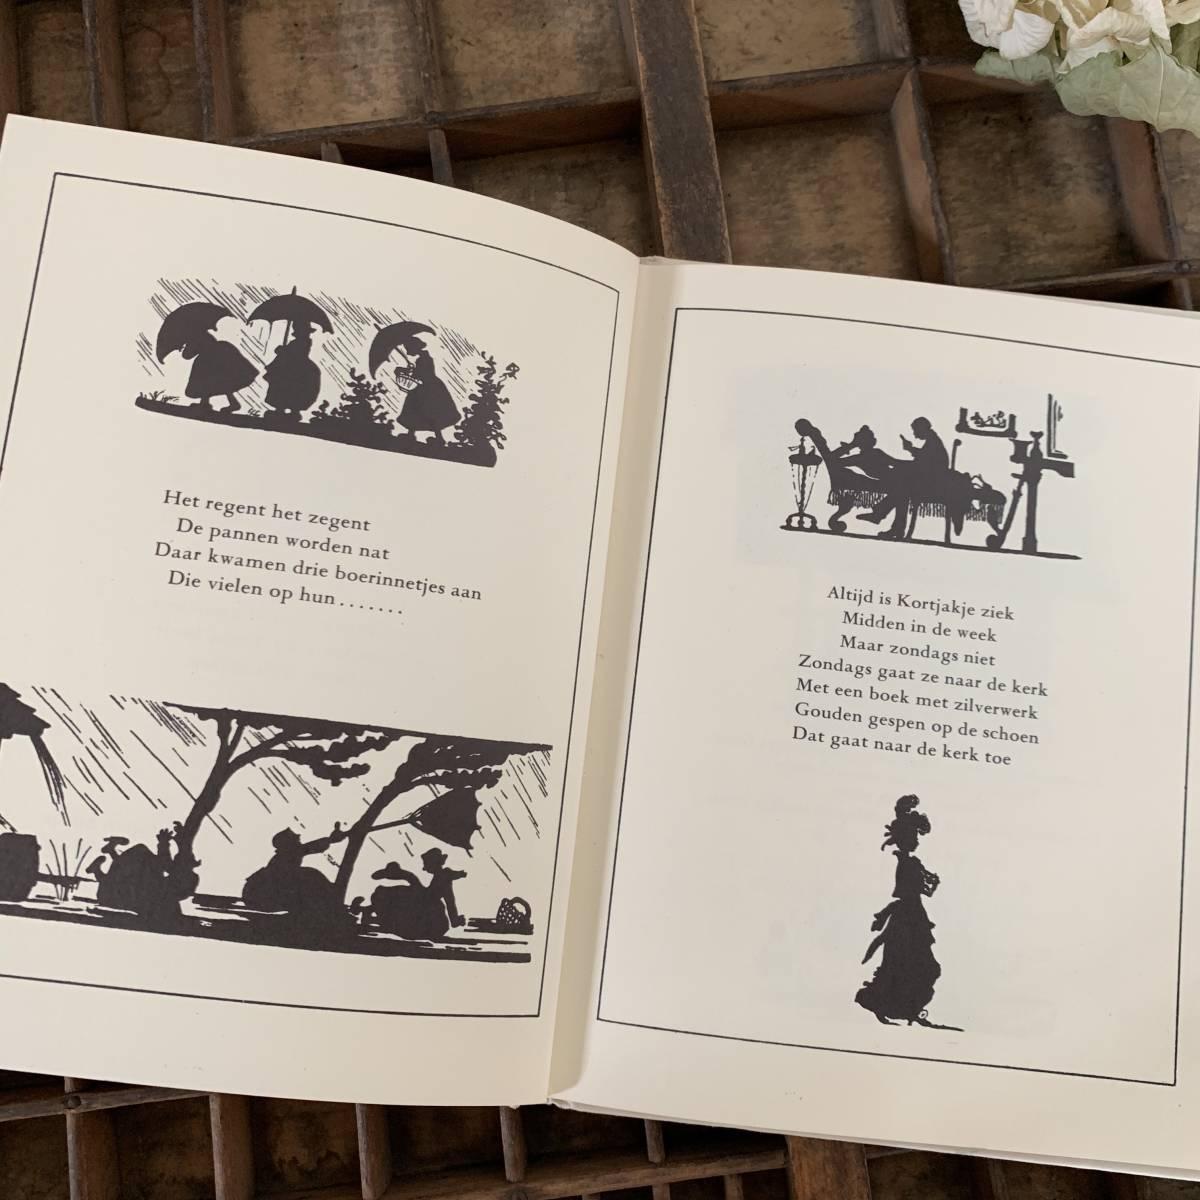 オランダ蚤の市 影絵の本 1979年 ヴィンテージ インテリア シャビー シルエット 絵本 洋書 雑貨 ディスプレイ_画像9